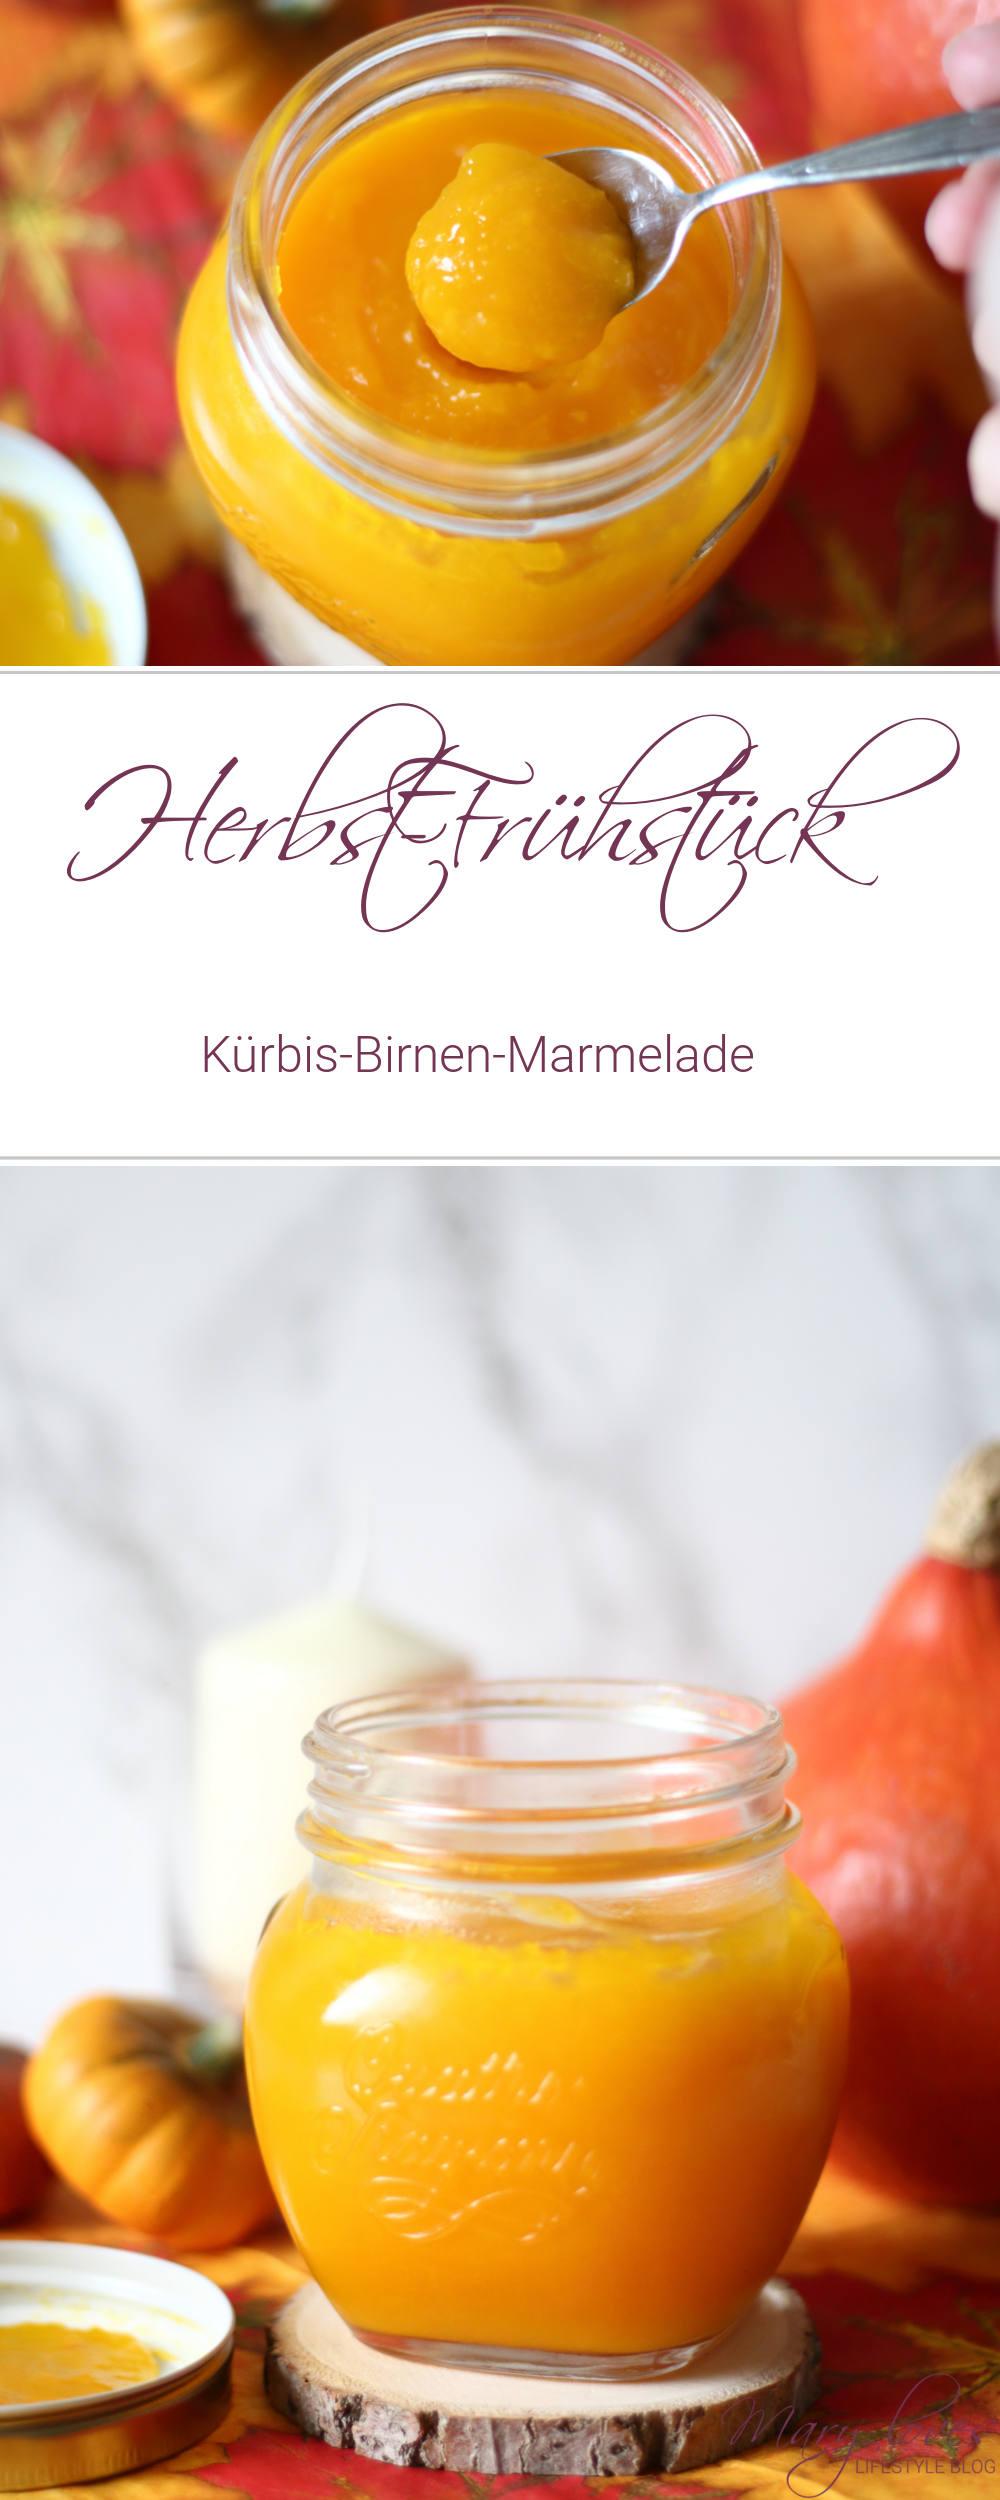 Herbst-Frühstück - Kürbis-Birnen-Marmelade - Rezept für eine süße Kürbismarmelade mit Birnen - #kürbis #kürbisrezept #marmelade #herbstrezept